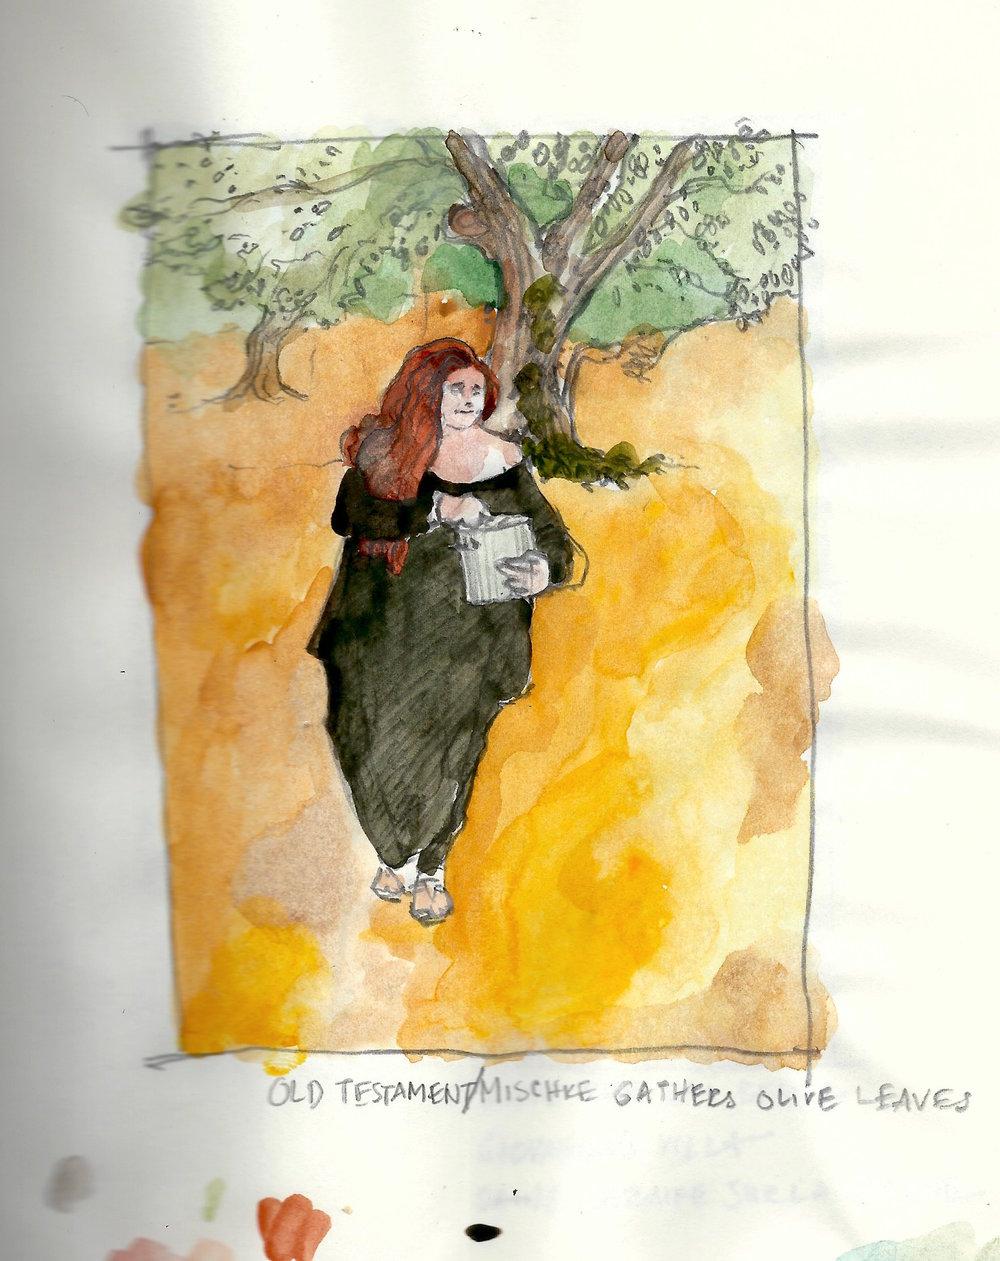 Old Testament:Mischke Gathers Olive Leaves.jpeg